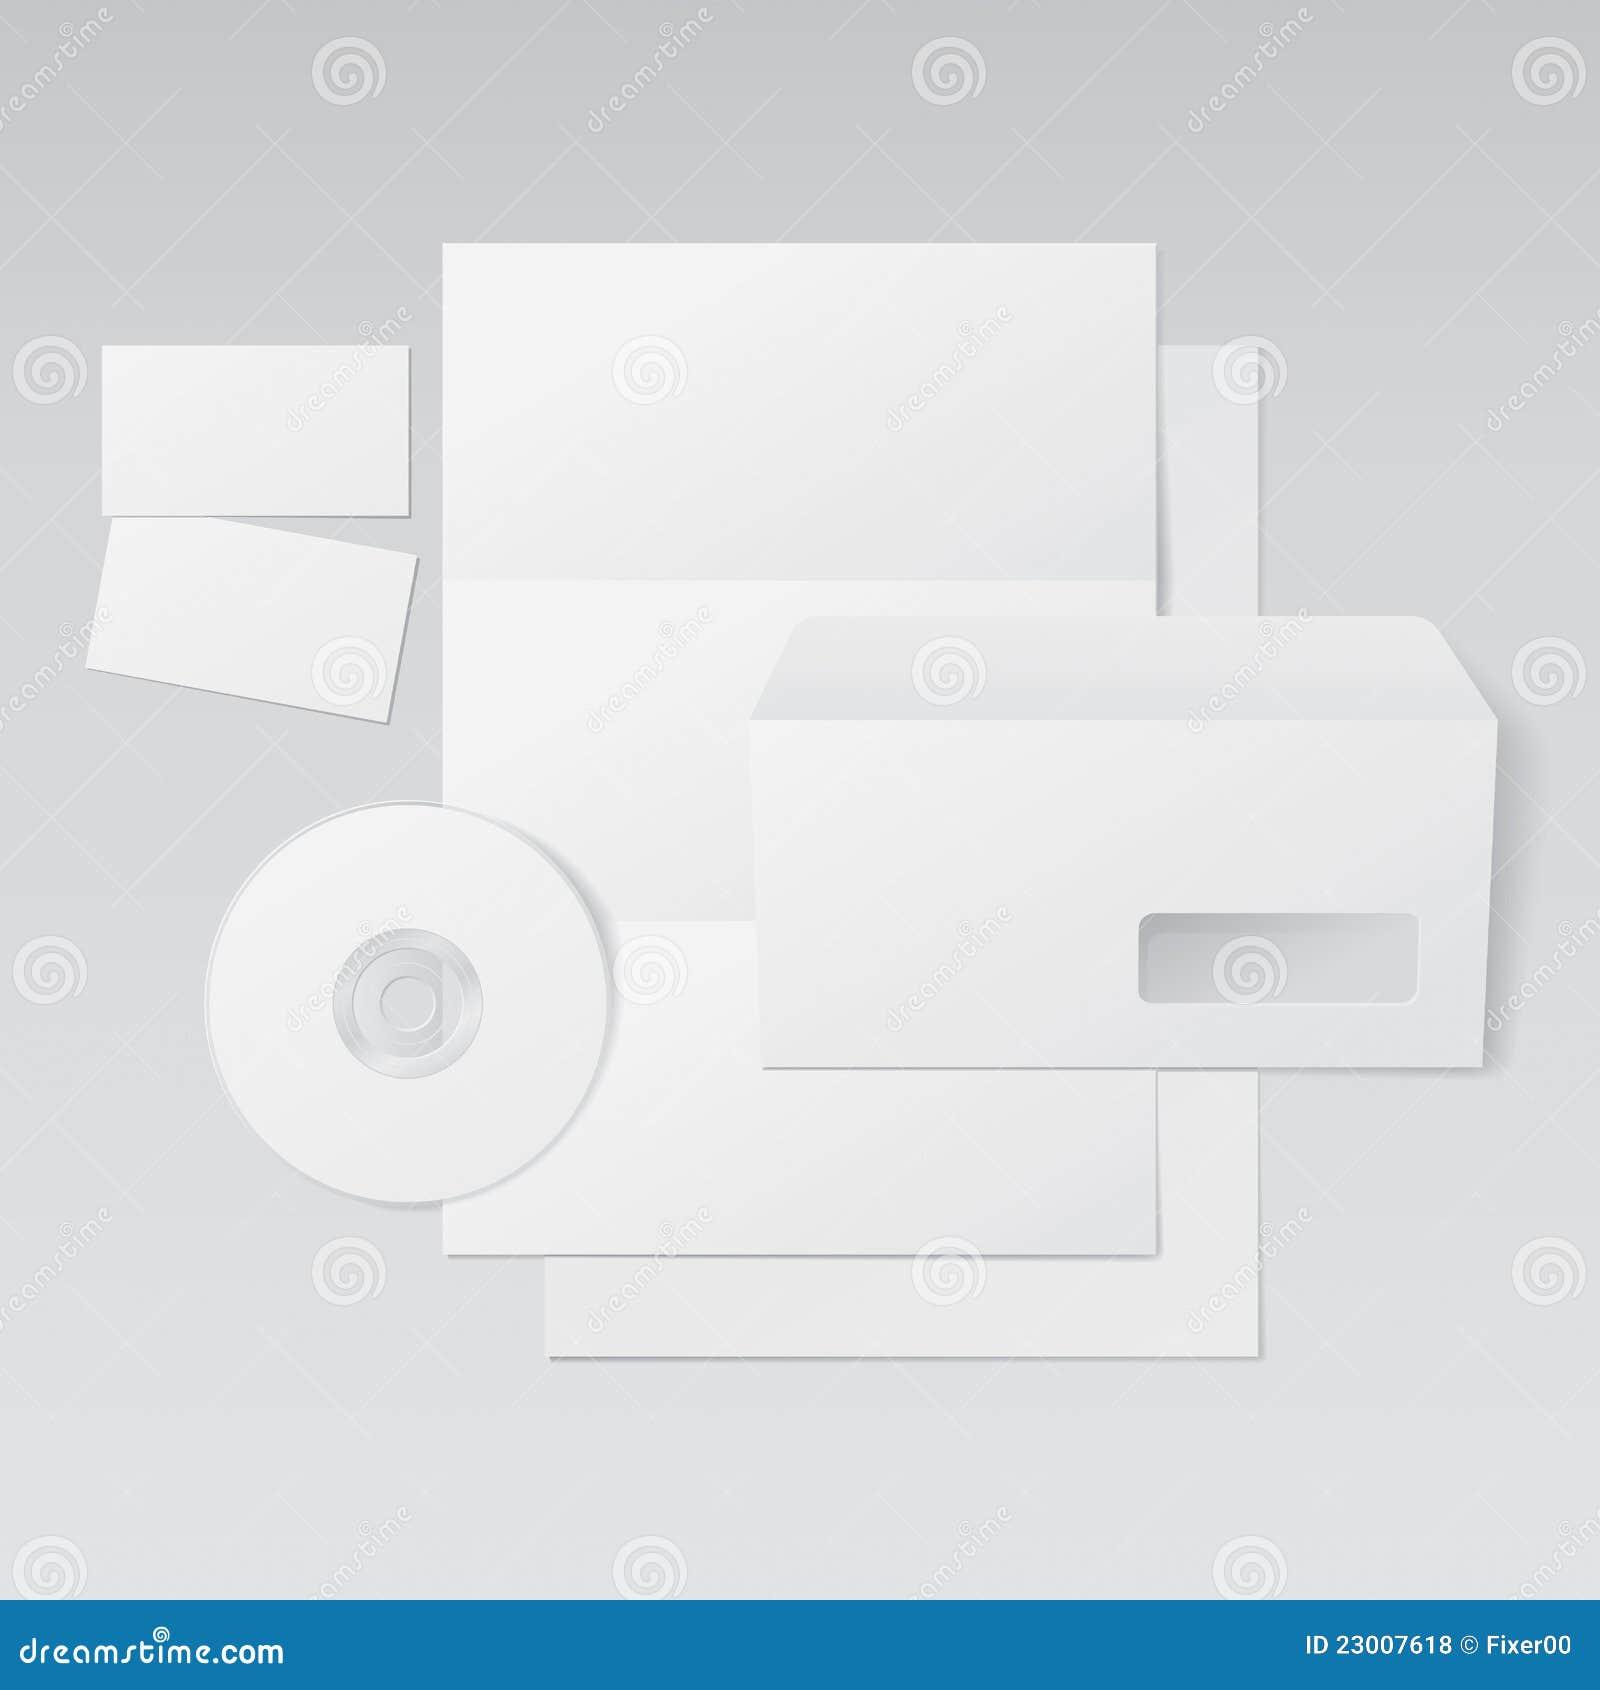 Letter To Santa Envelope Template Blank letter, envelope